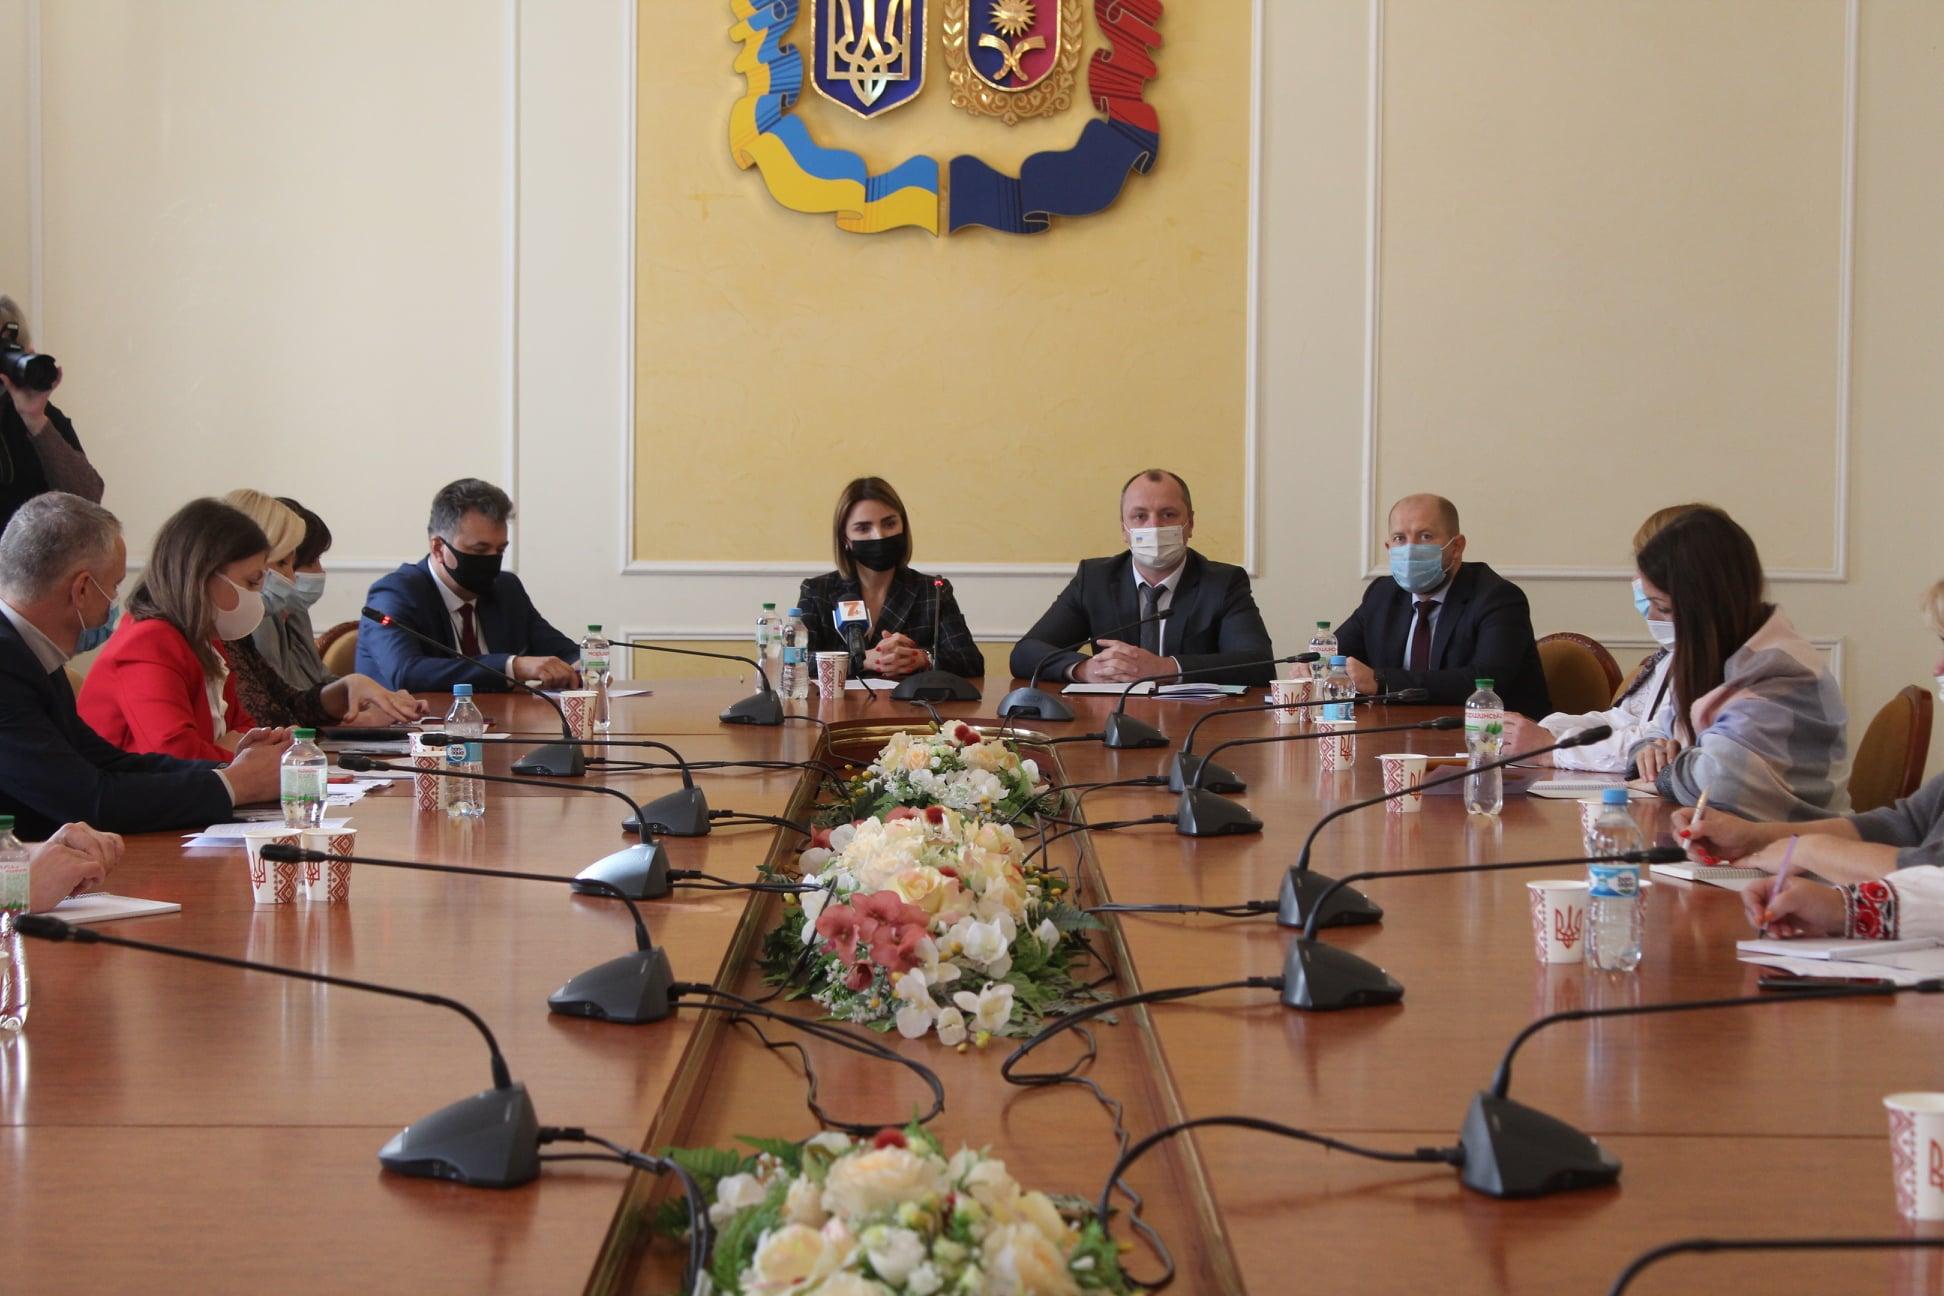 На Хмельниччині розпочався Всеукраїнський семінар-практикум з Національно-патріотичного та туристсько-краєзнавчого виховання молоді